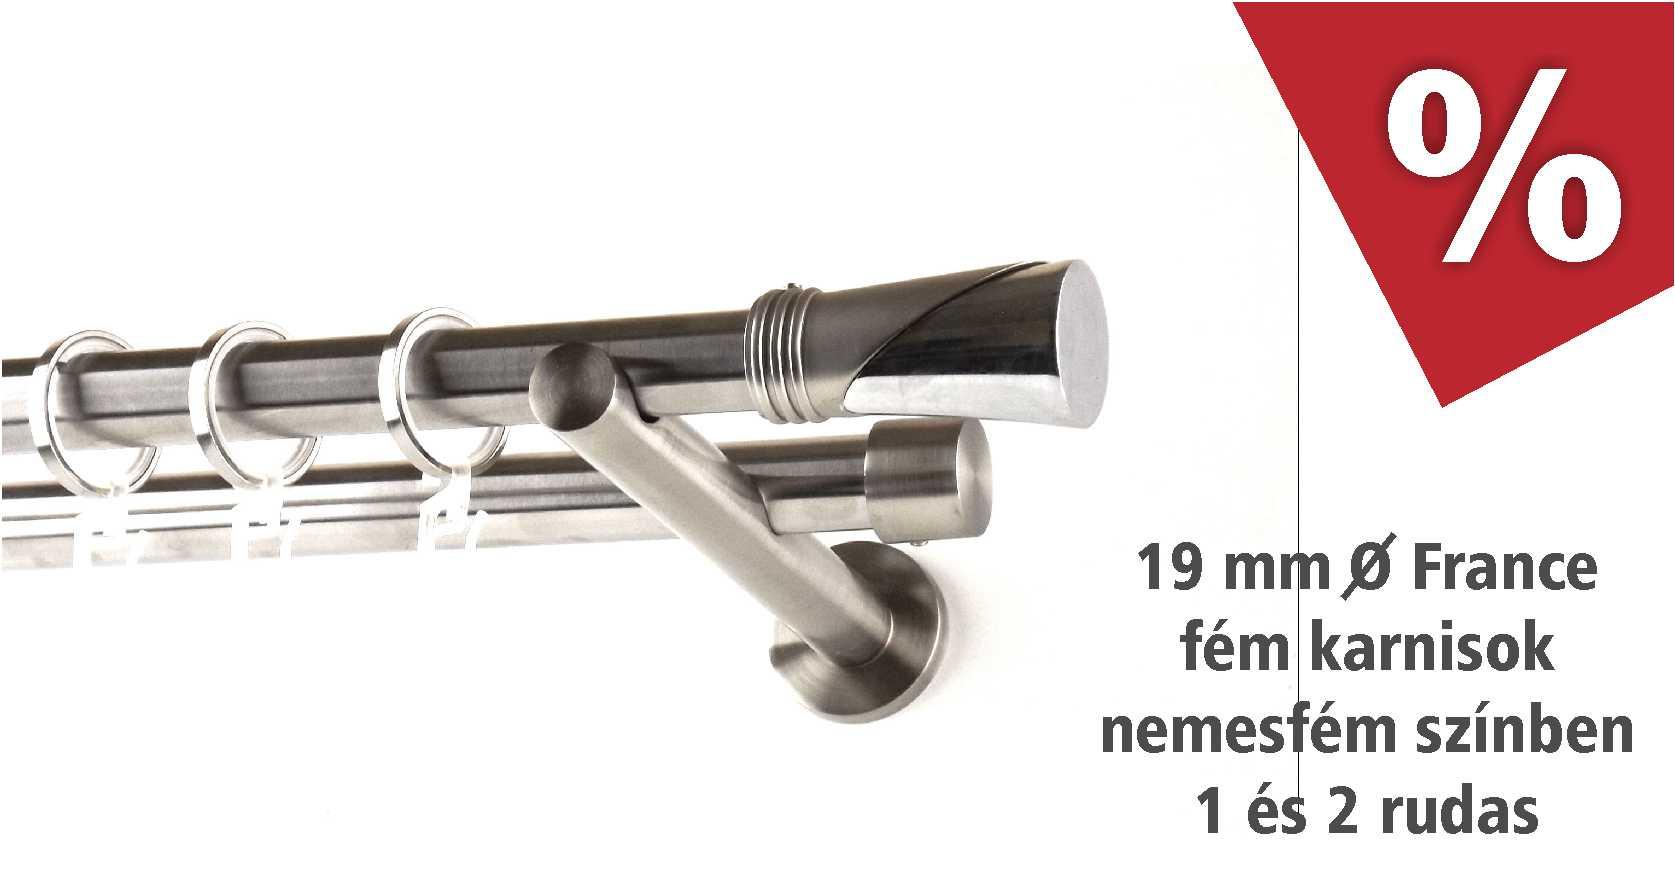 France Premium nemesfém színű fém karnis szettek akciós áron a www.karnisstudio.hu webáruházban